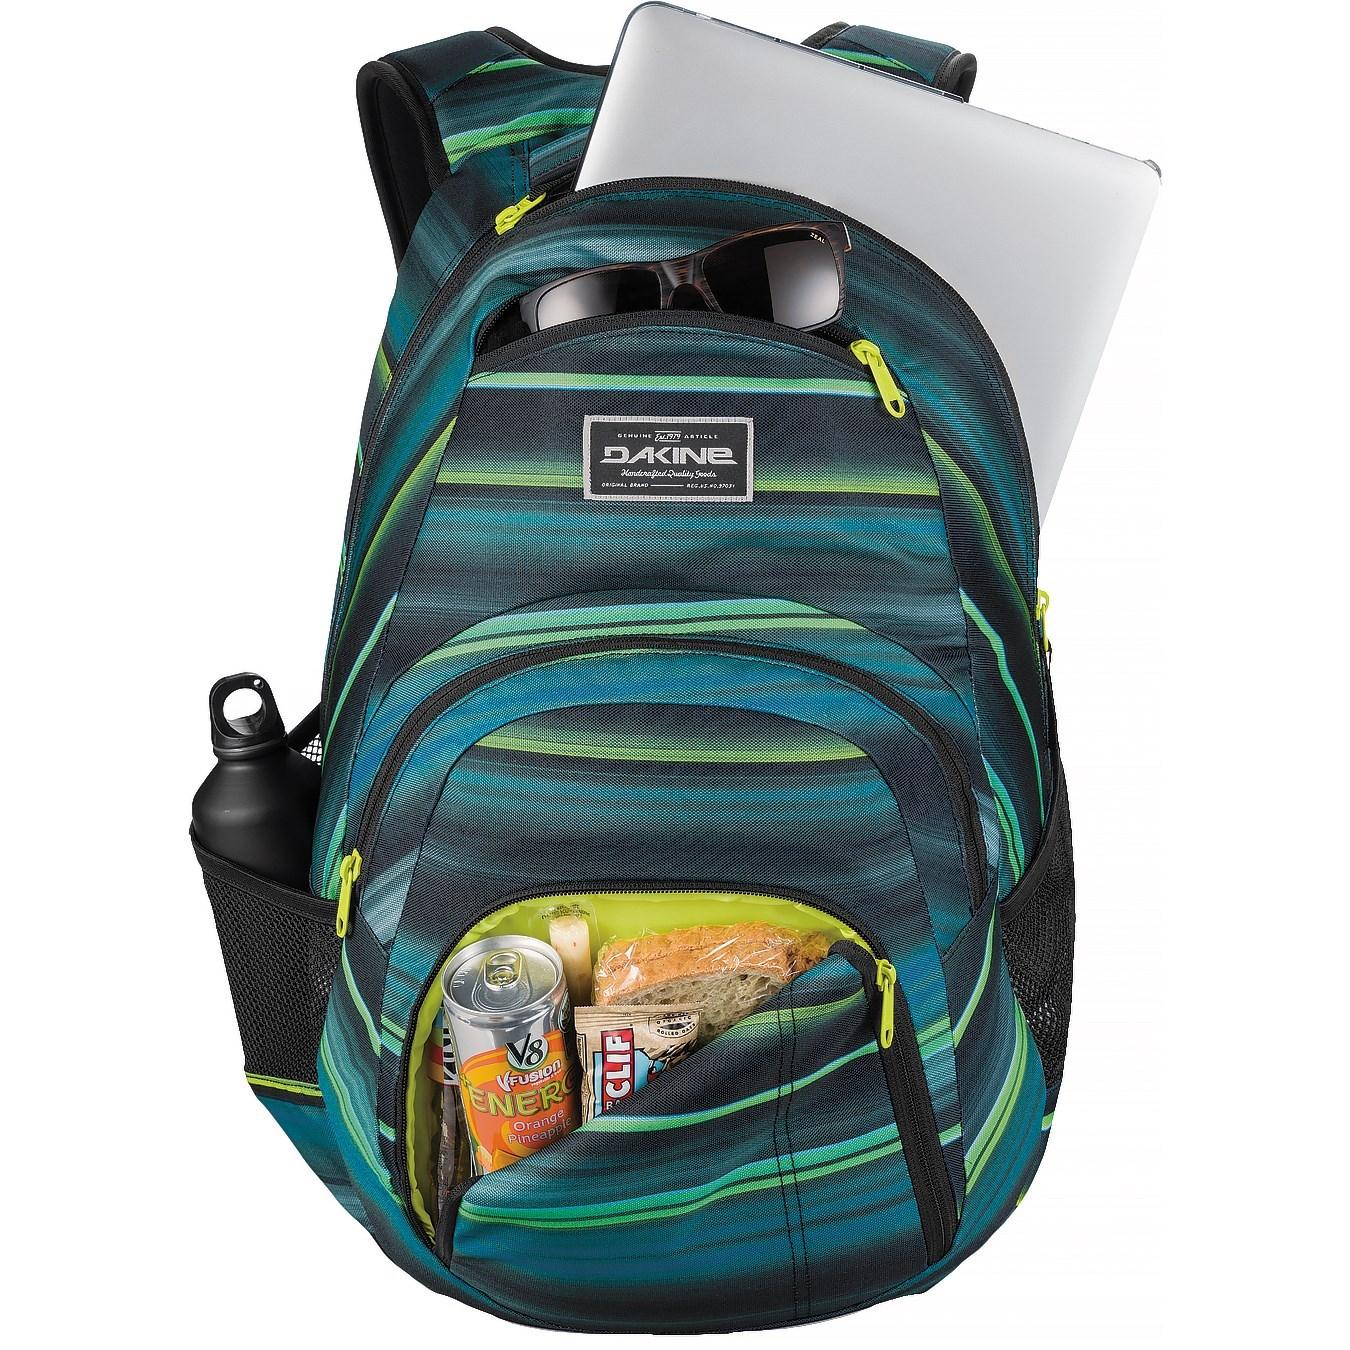 DaKine Campus 33L Backpack - Large - Save 36%